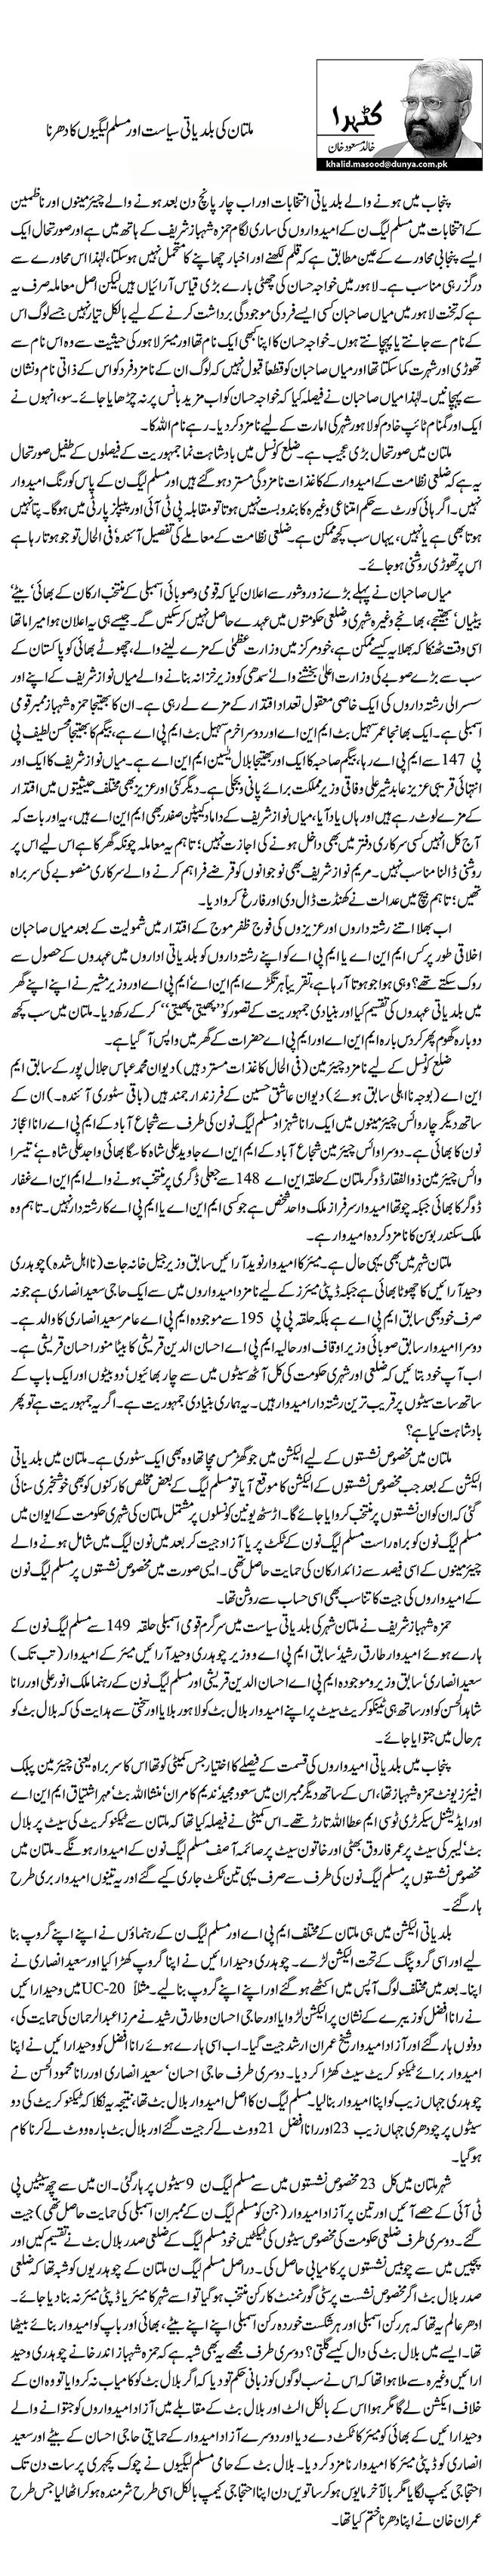 ملتان کی بلدیاتی سیاست اور مسلم لیگیوں کا دھرنا